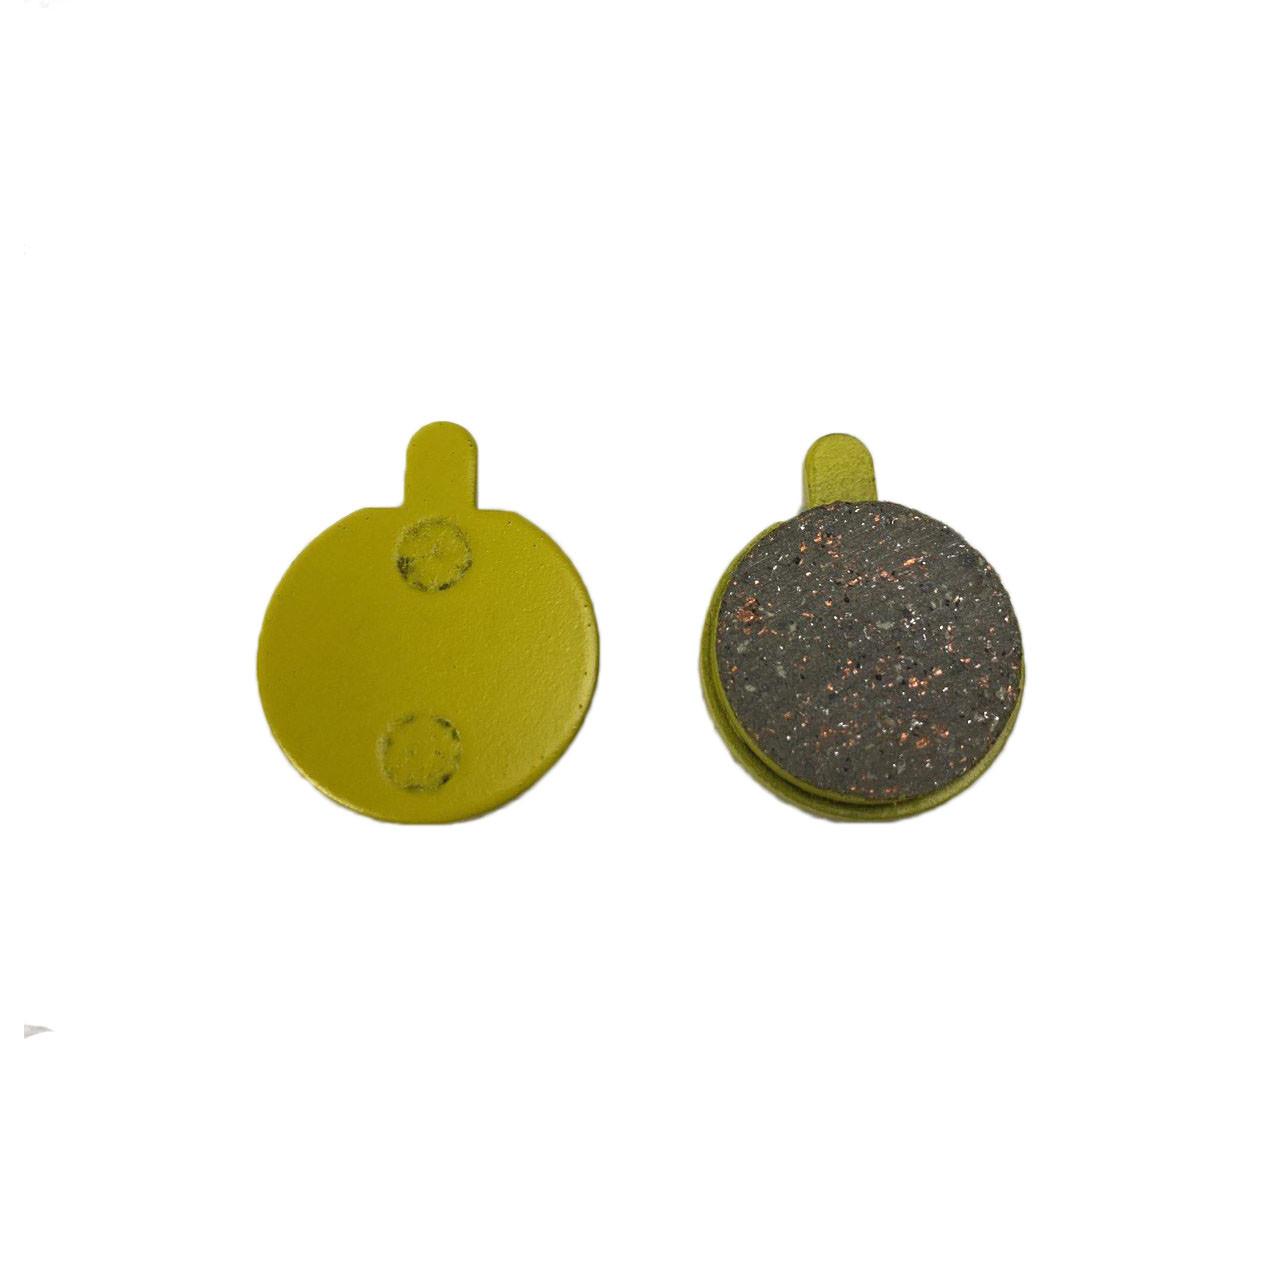 Гальмівні колодки Alhonga для дискового гальма, круглі Ф18.5мм